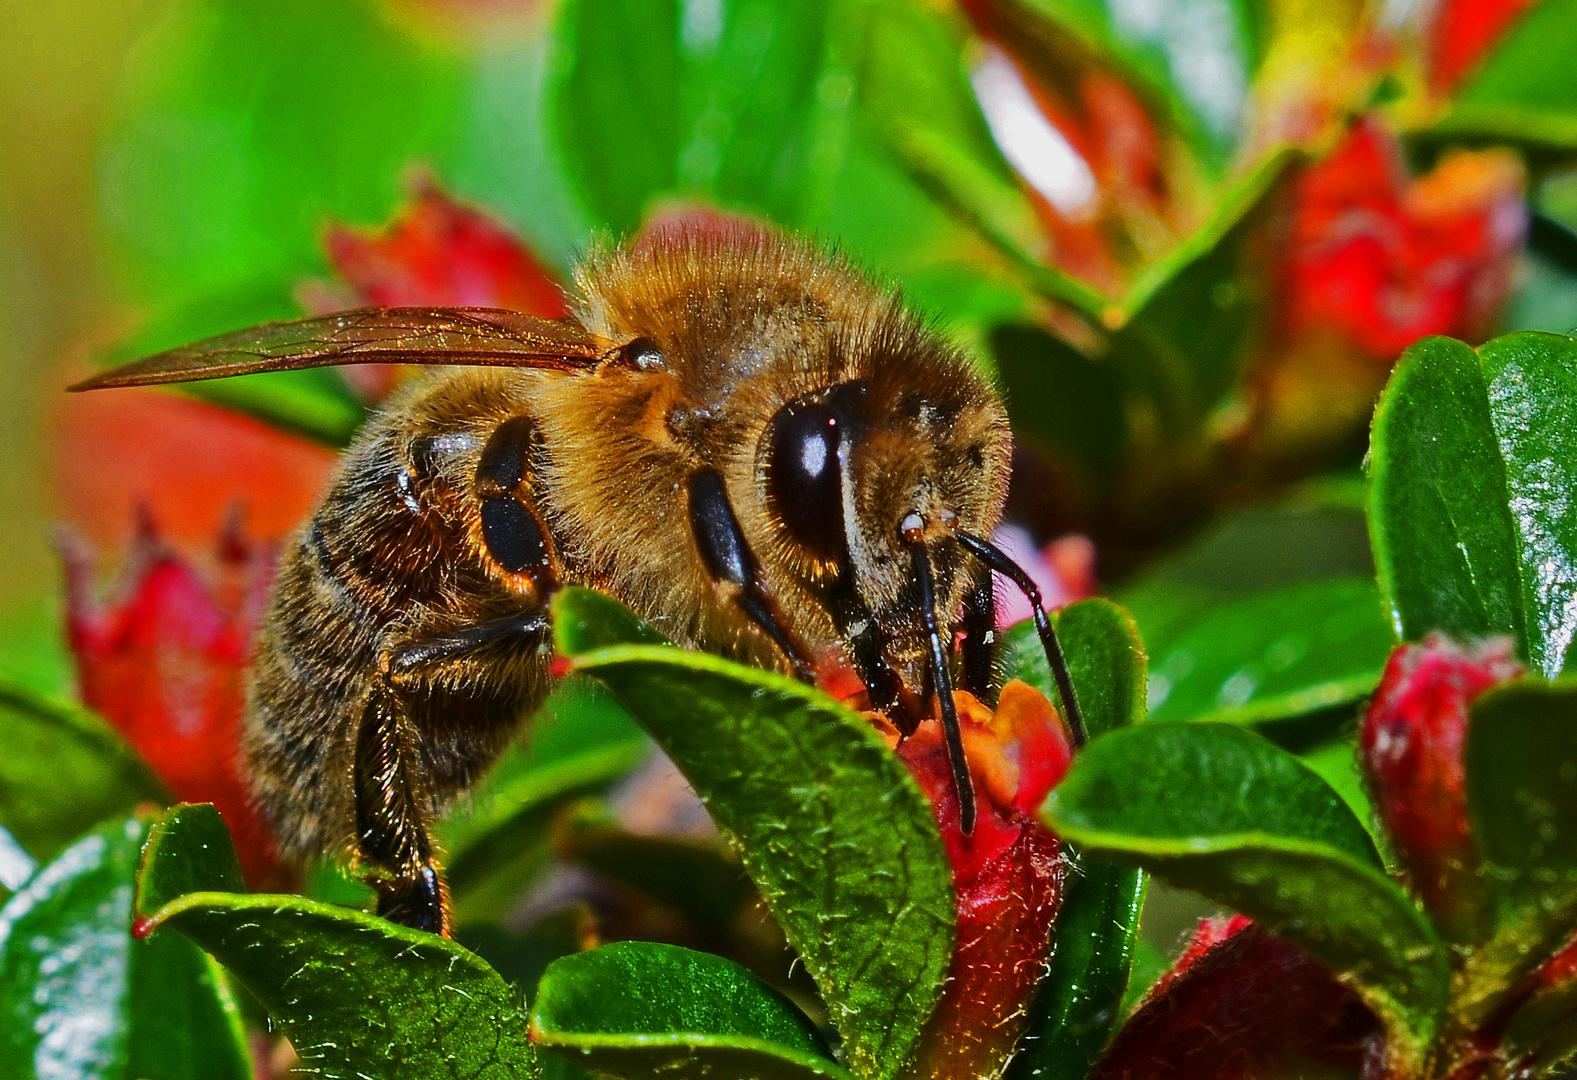 Honigbiene beim Sammeln an kleinen roten Blütchen